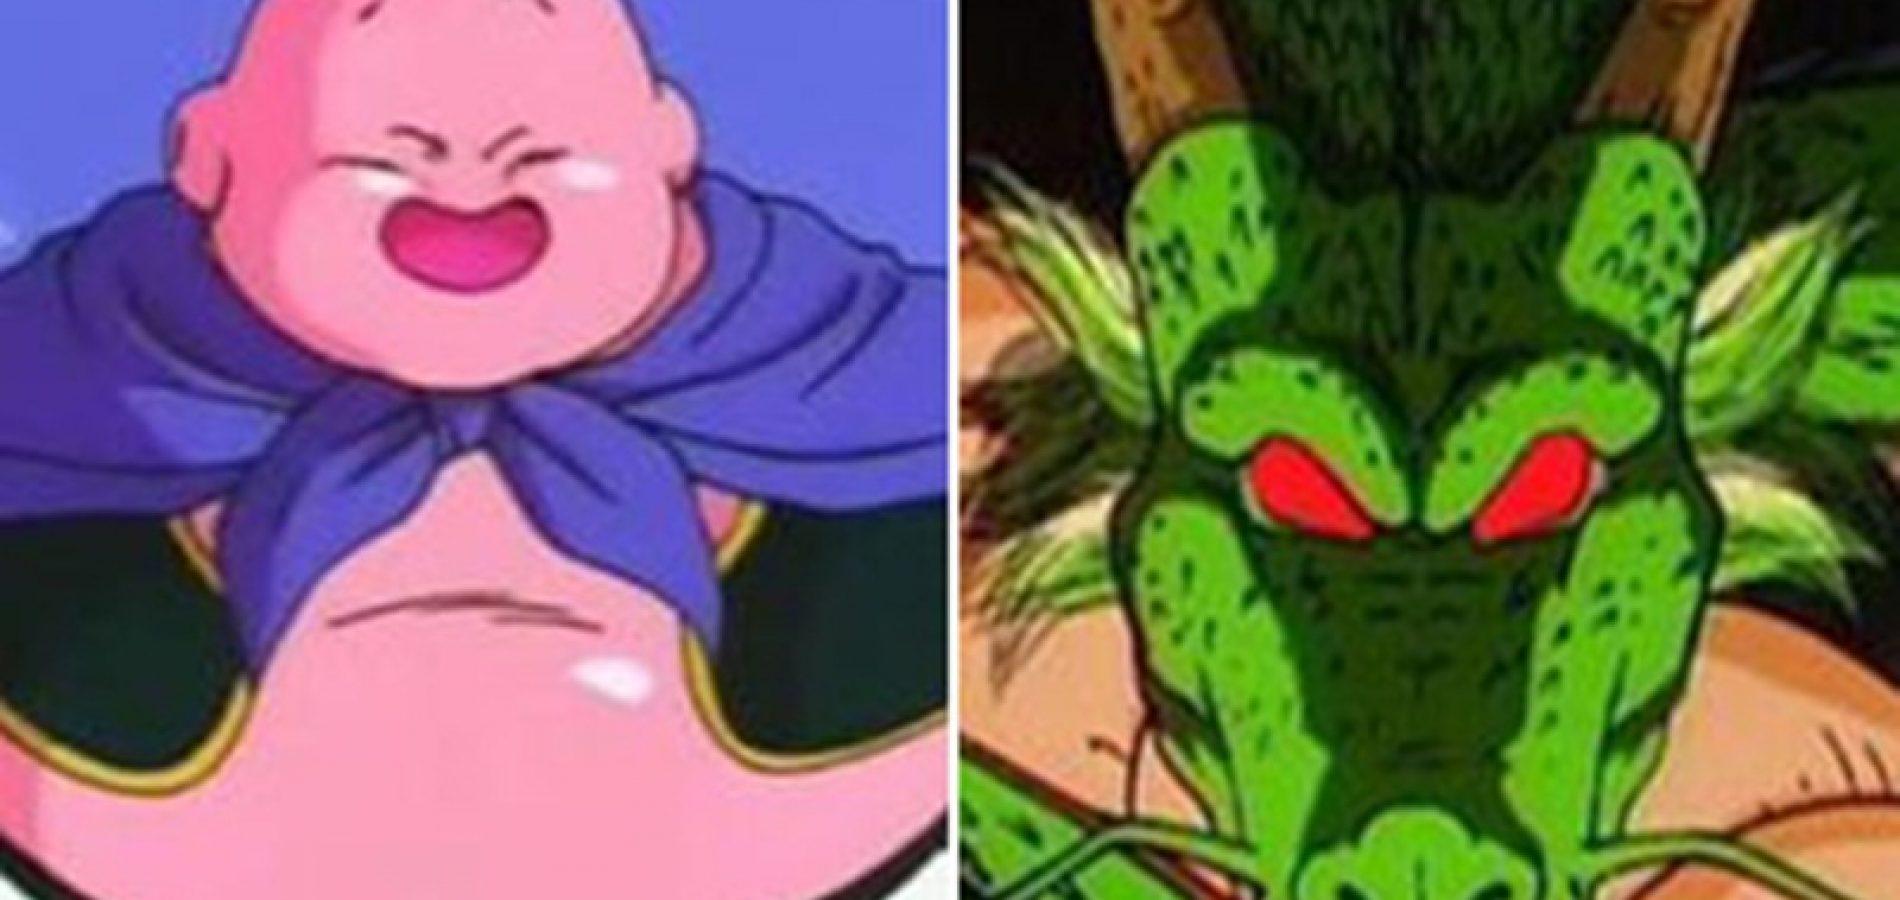 Suspeitos de integrar facções usavam nomes de personagens do Dragon Ball Z